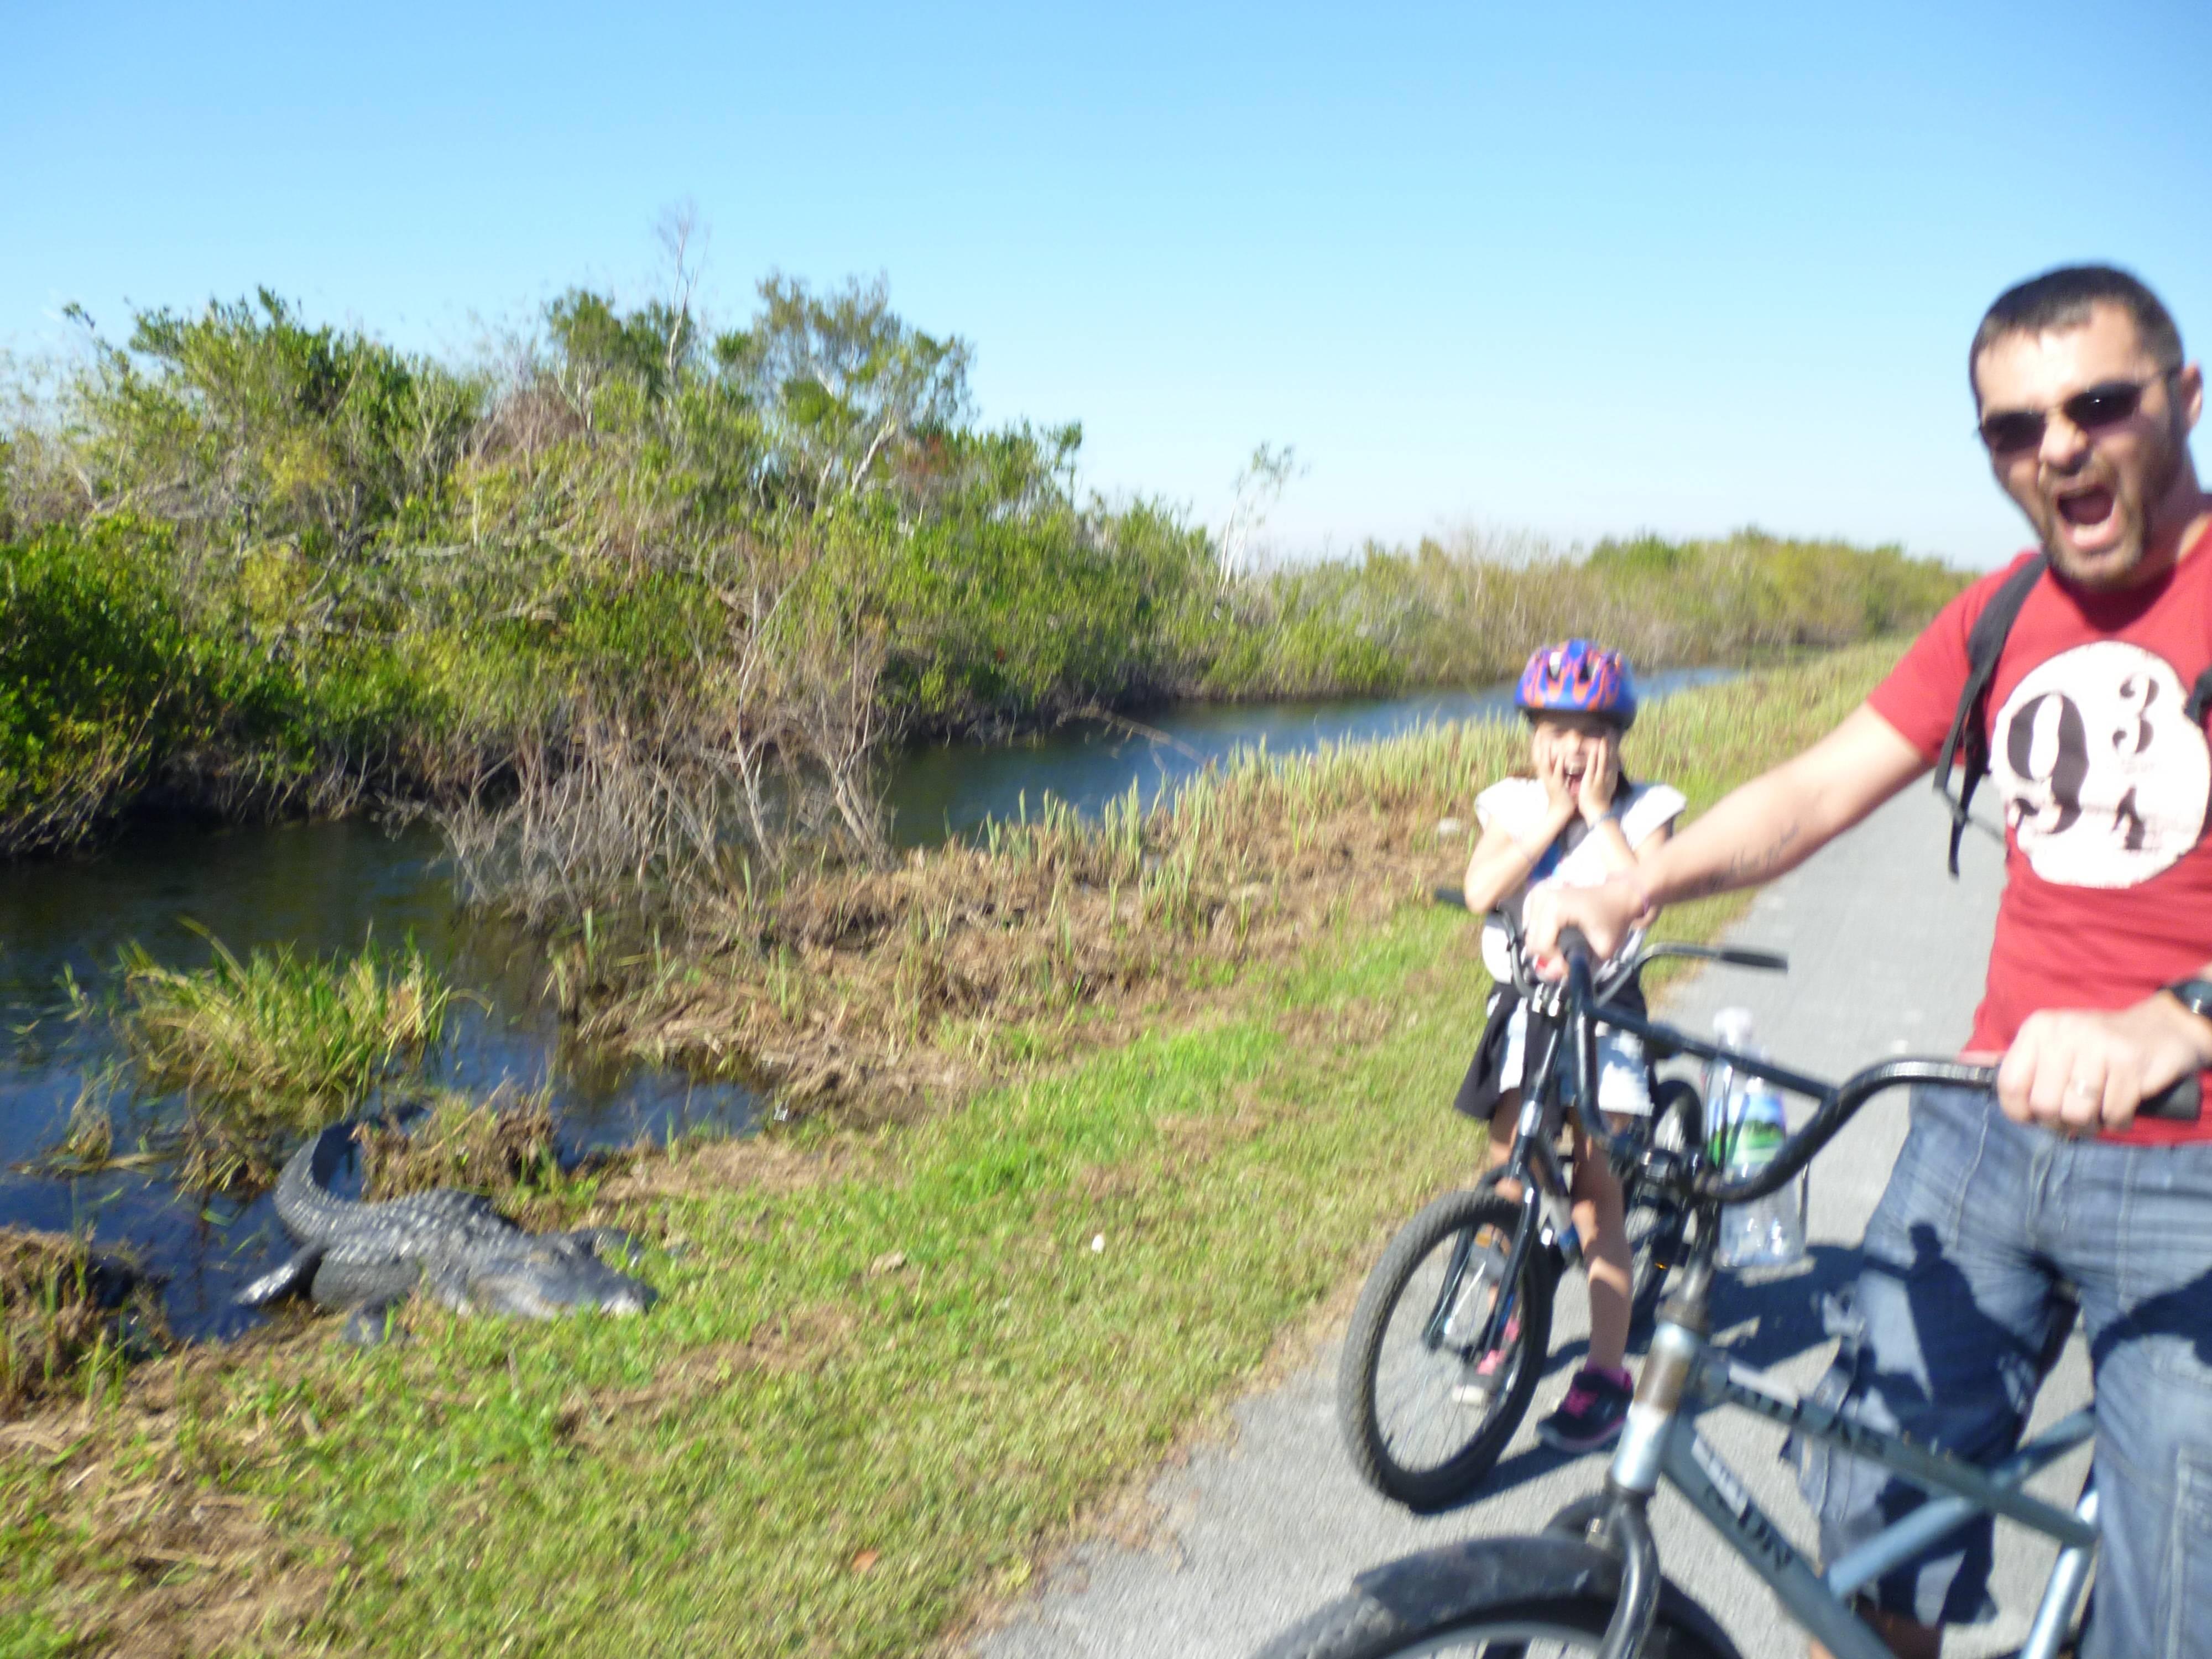 Photo 3: Une balade hors du temps dans les marécages des Everglades en Floride